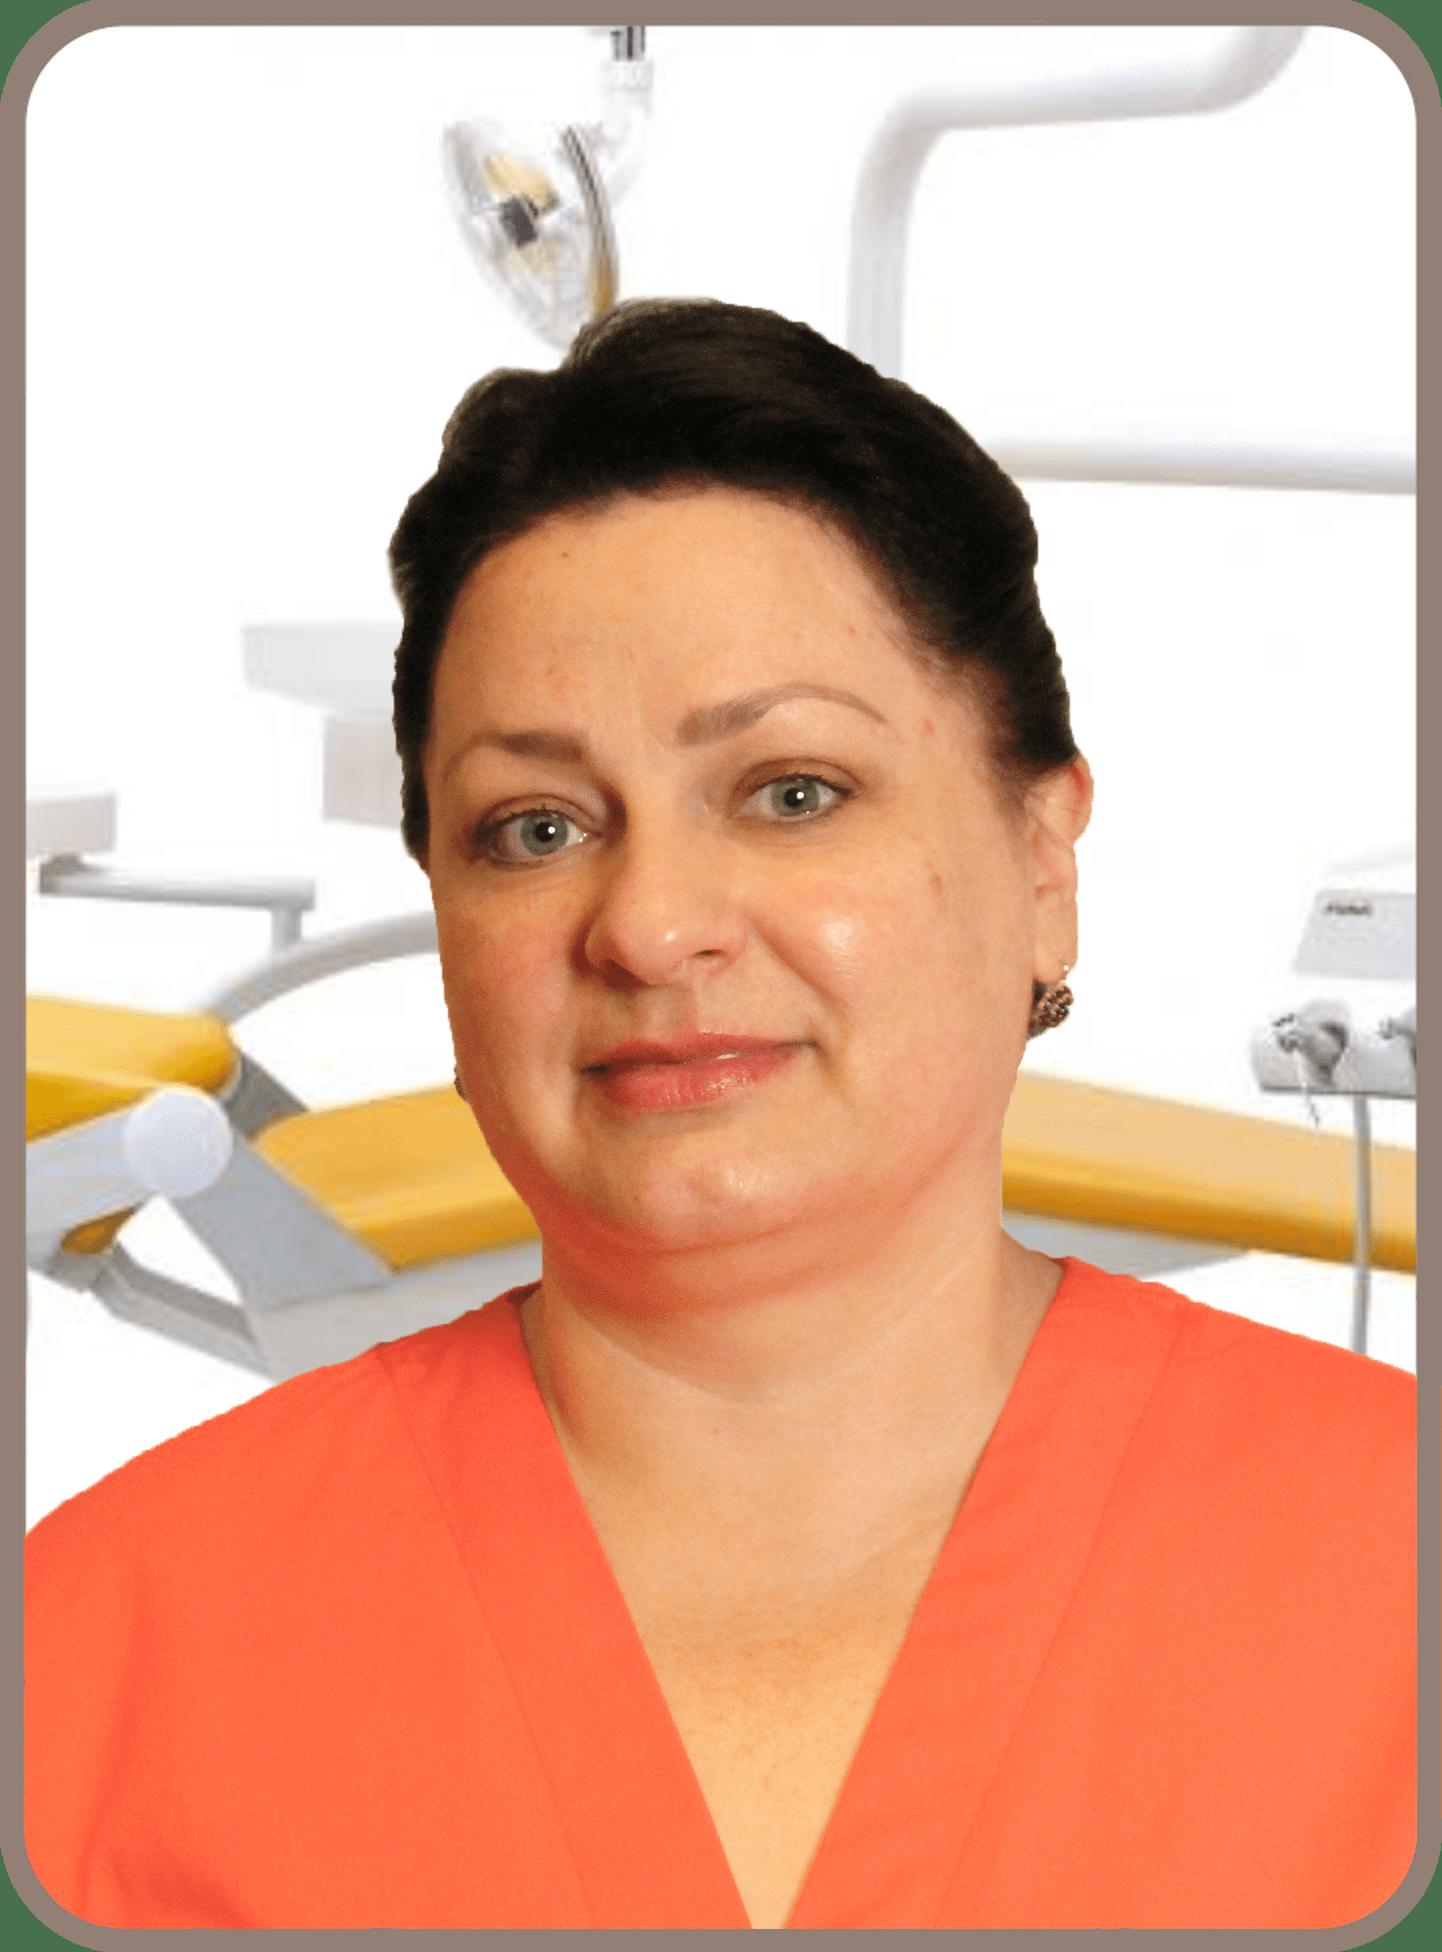 Balog Galina szájhigiénikus, fogászati szakasszisztens, Laser Dental Hygienist Gáspár Medical Center